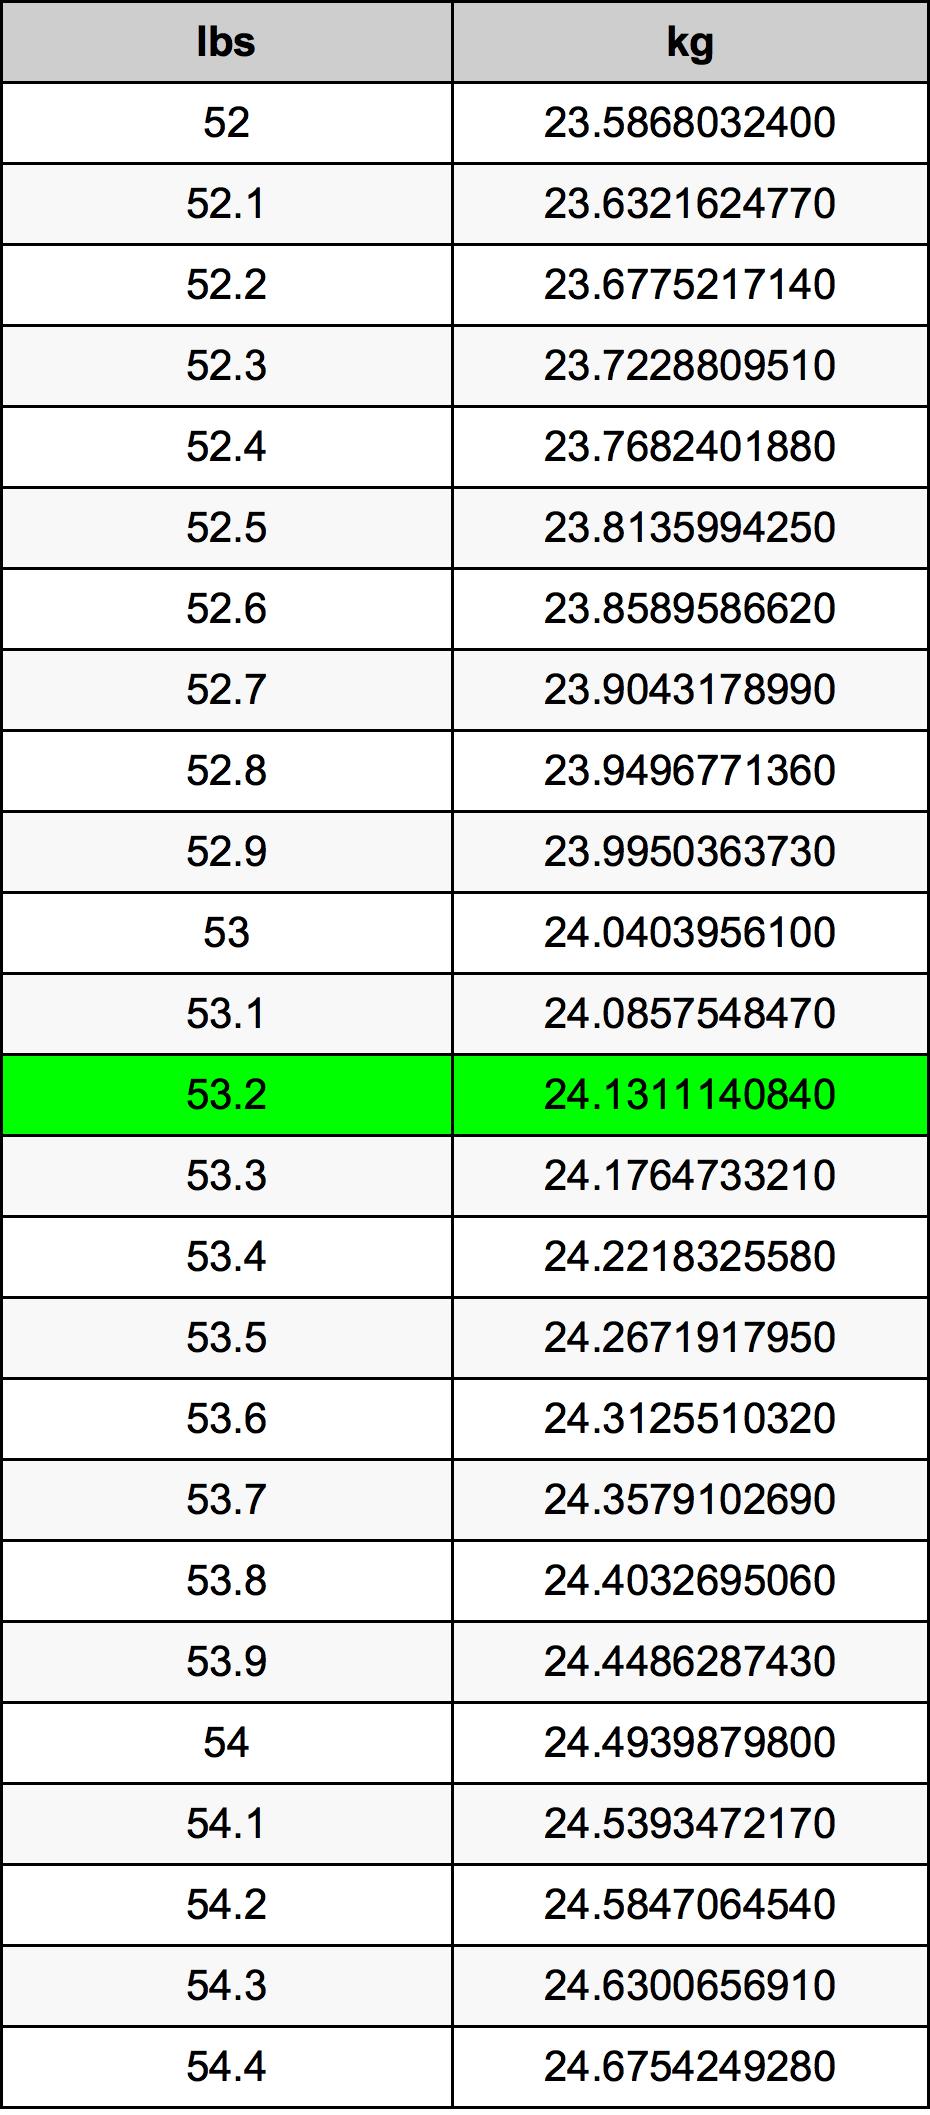 53.2 Svaras konversijos lentelę